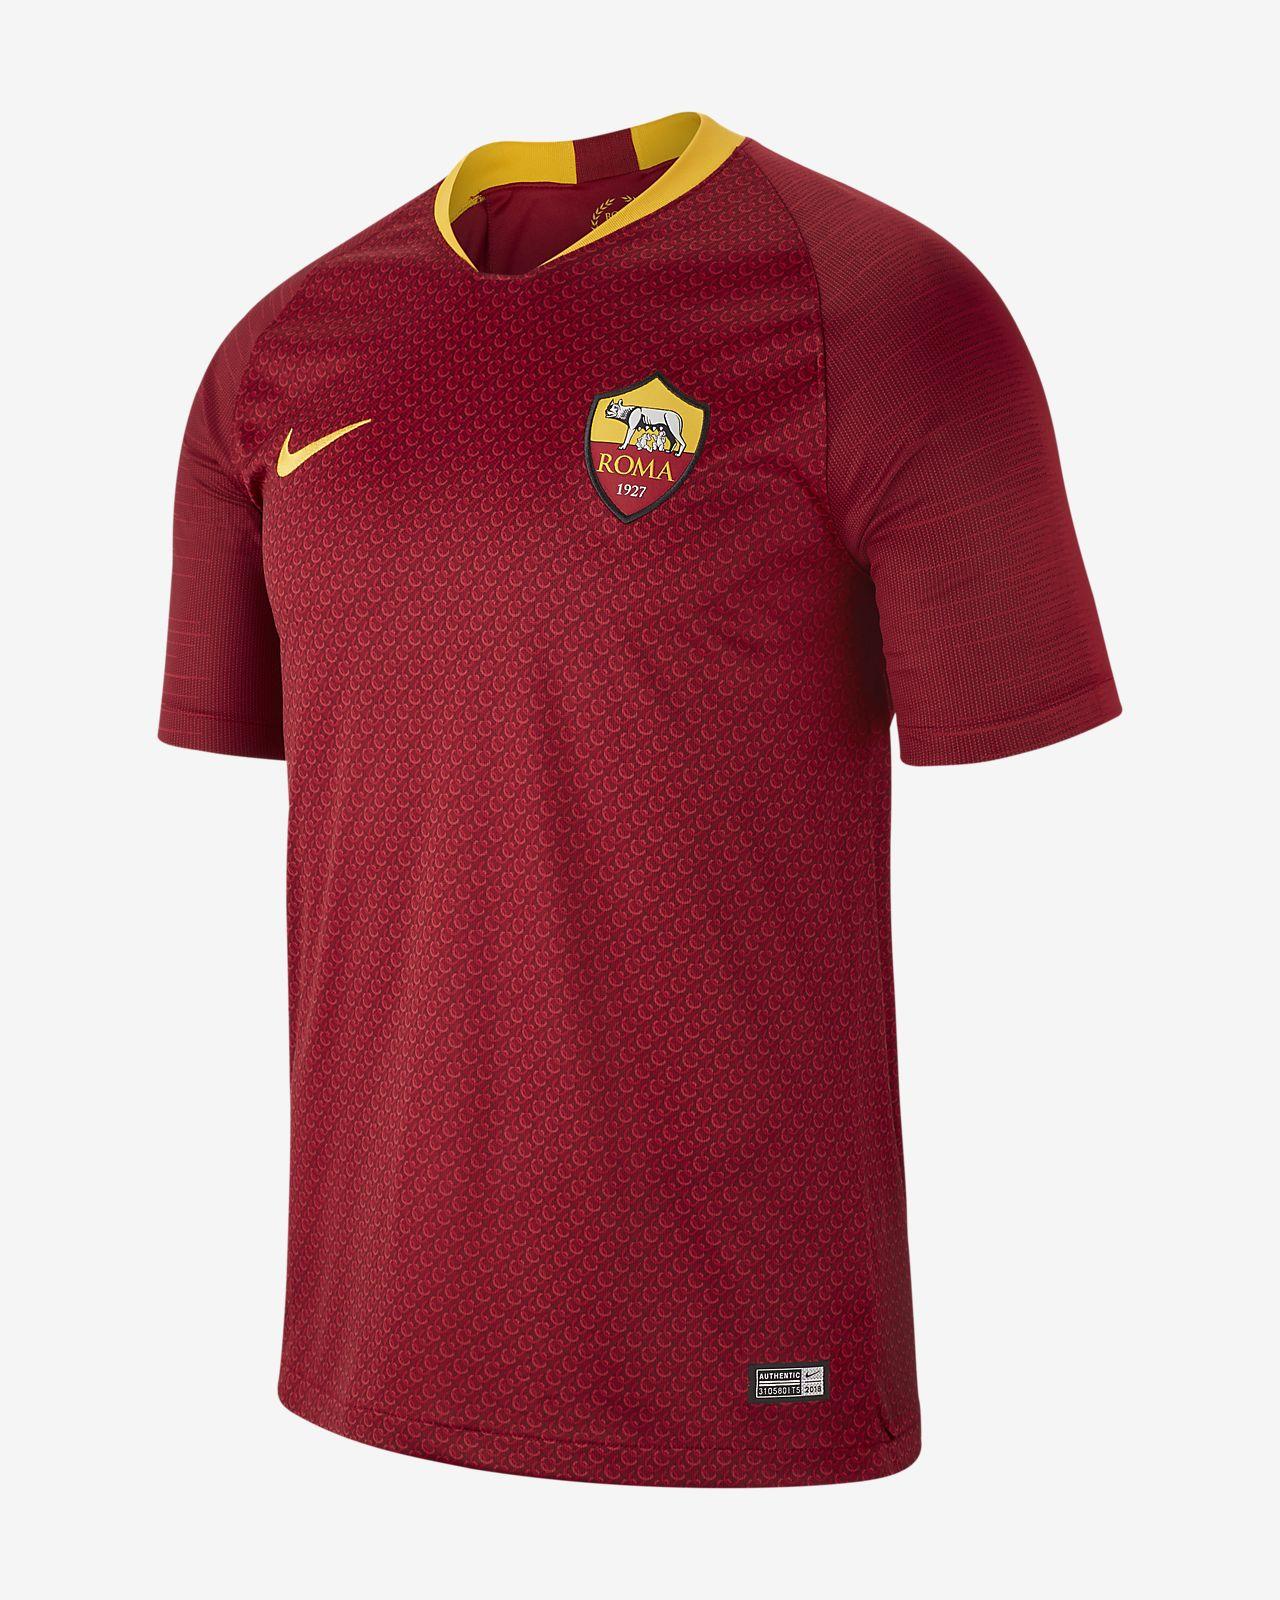 e24f895a18d 2018 19 A.S. Roma Stadium Home Men s Football Shirt. Nike.com ZA